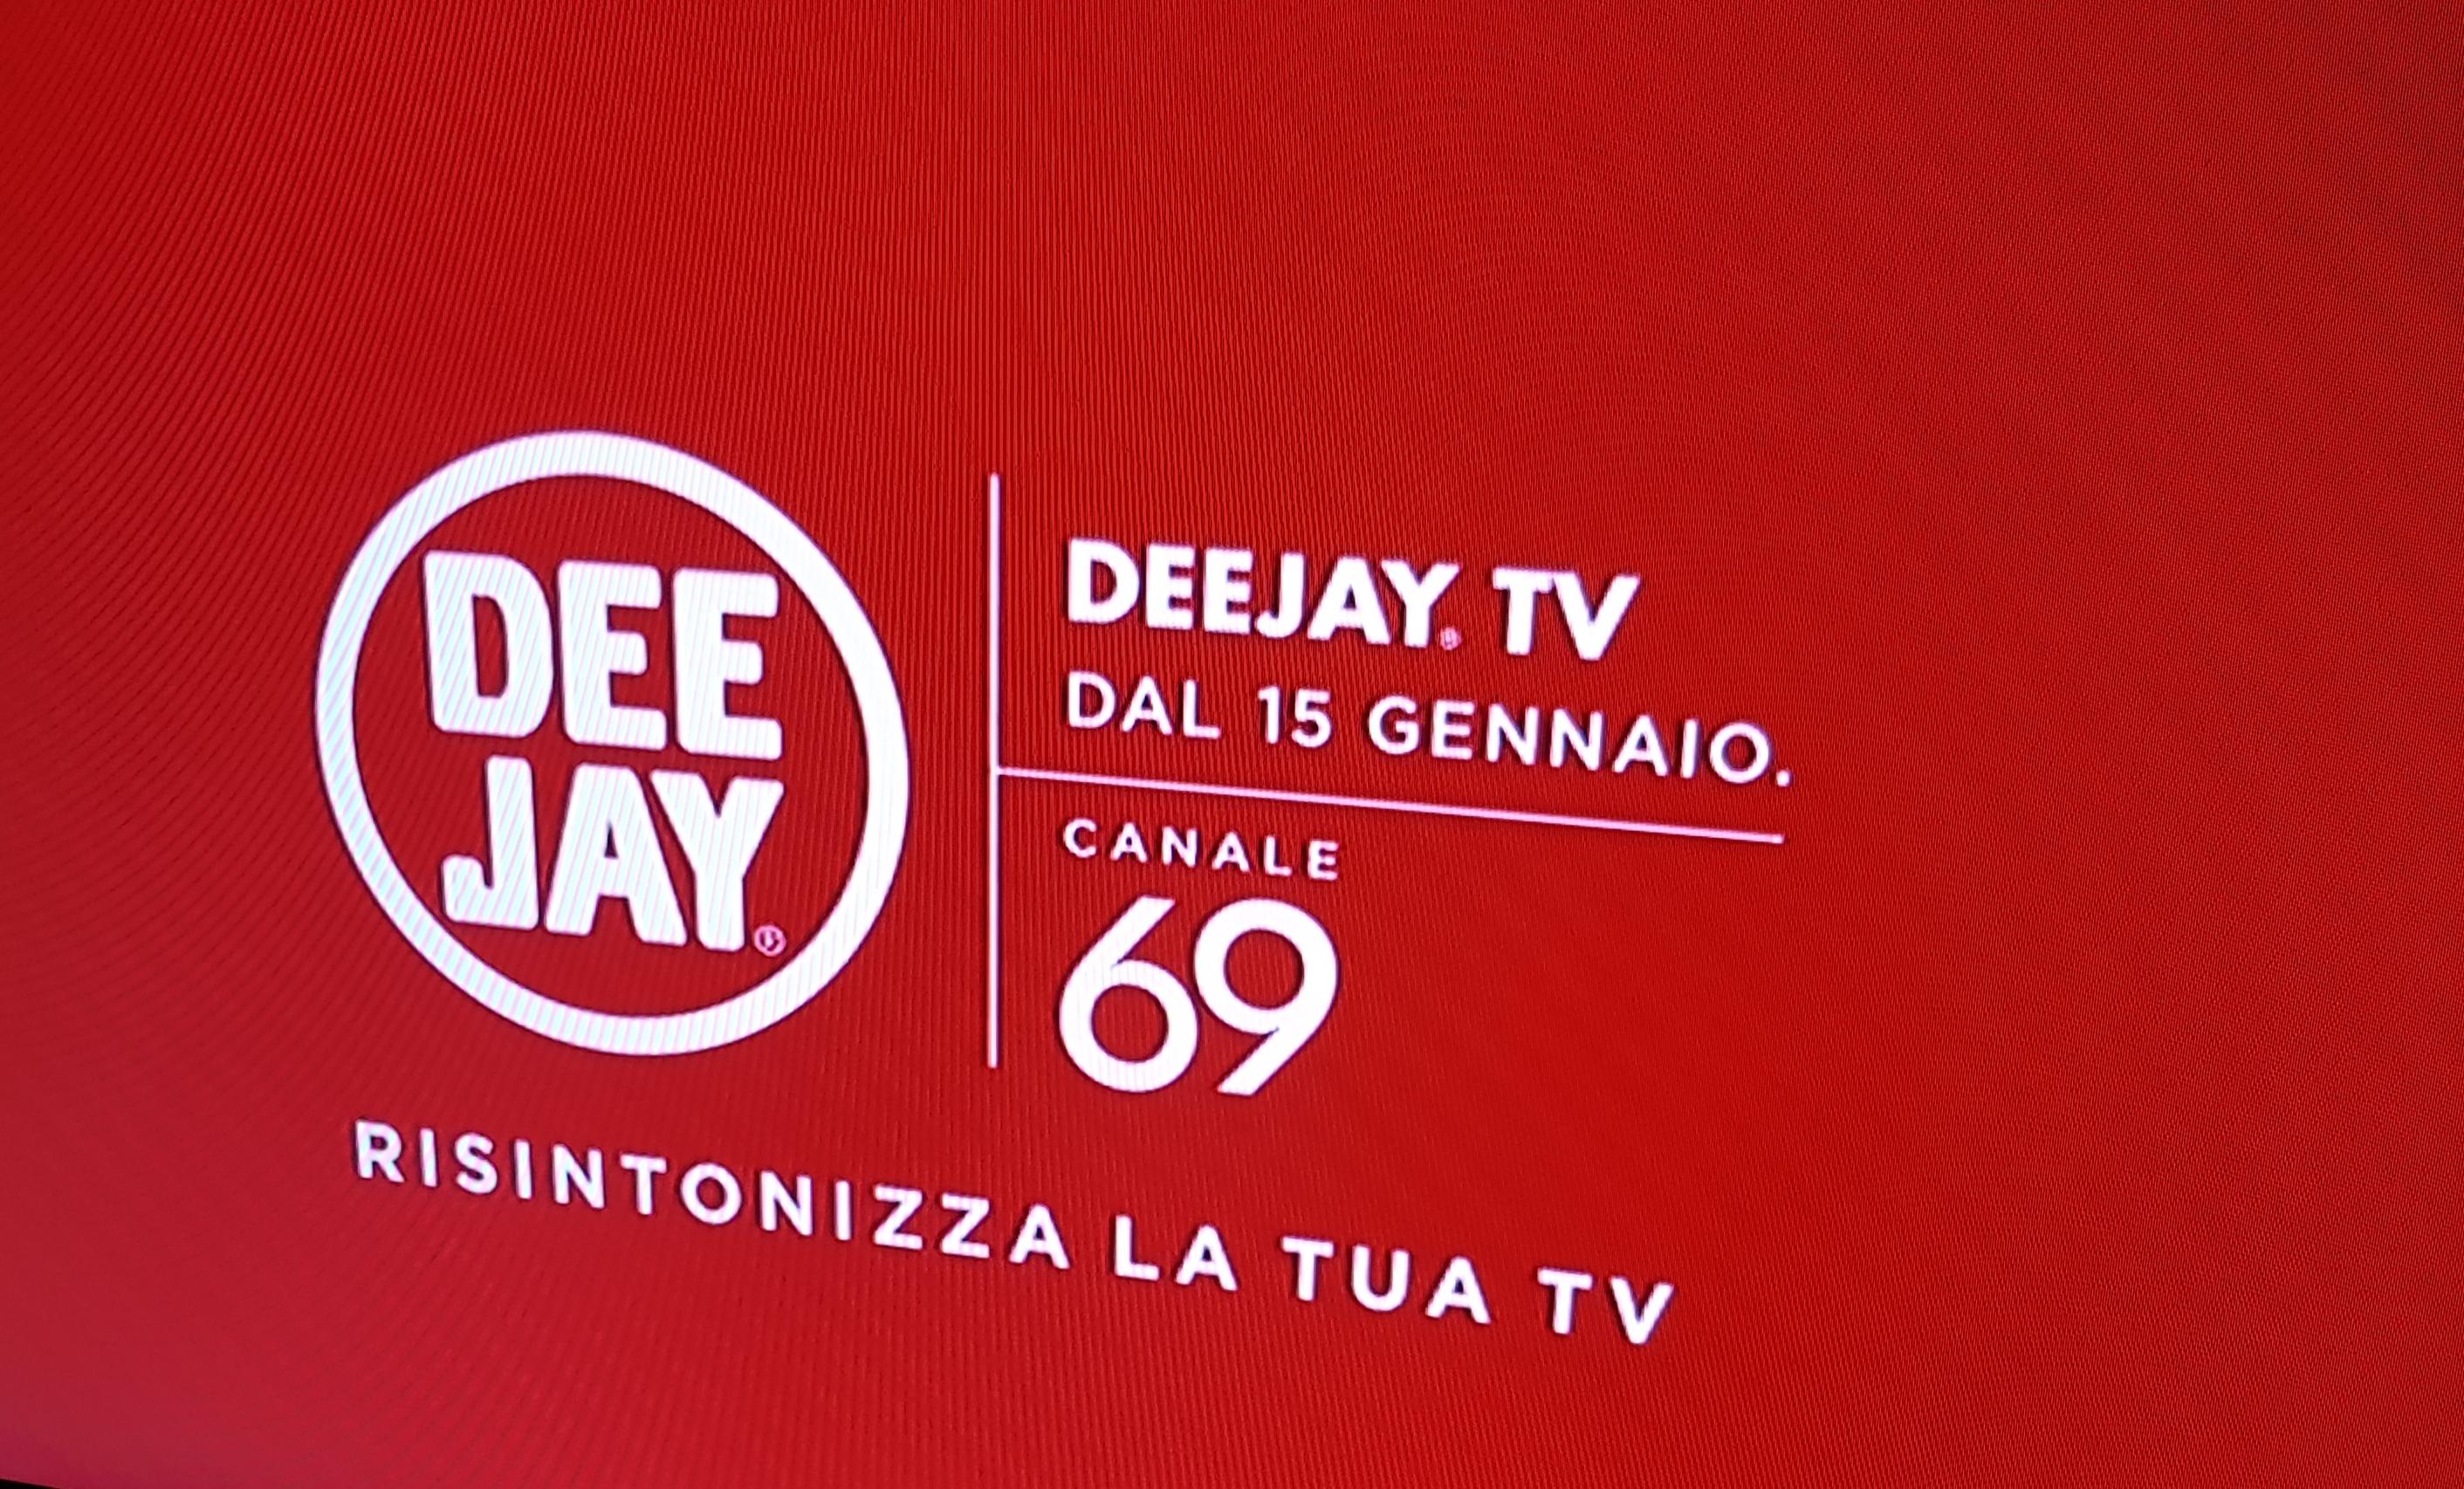 Dee Jay Tv 69 cartello - Radio. Si delinea il ritorno di DeeJay in tv (canale 69 DTT). Confermate tutte le anticipazioni di NL. Raccolta non a Manzoni, ma a Viacom